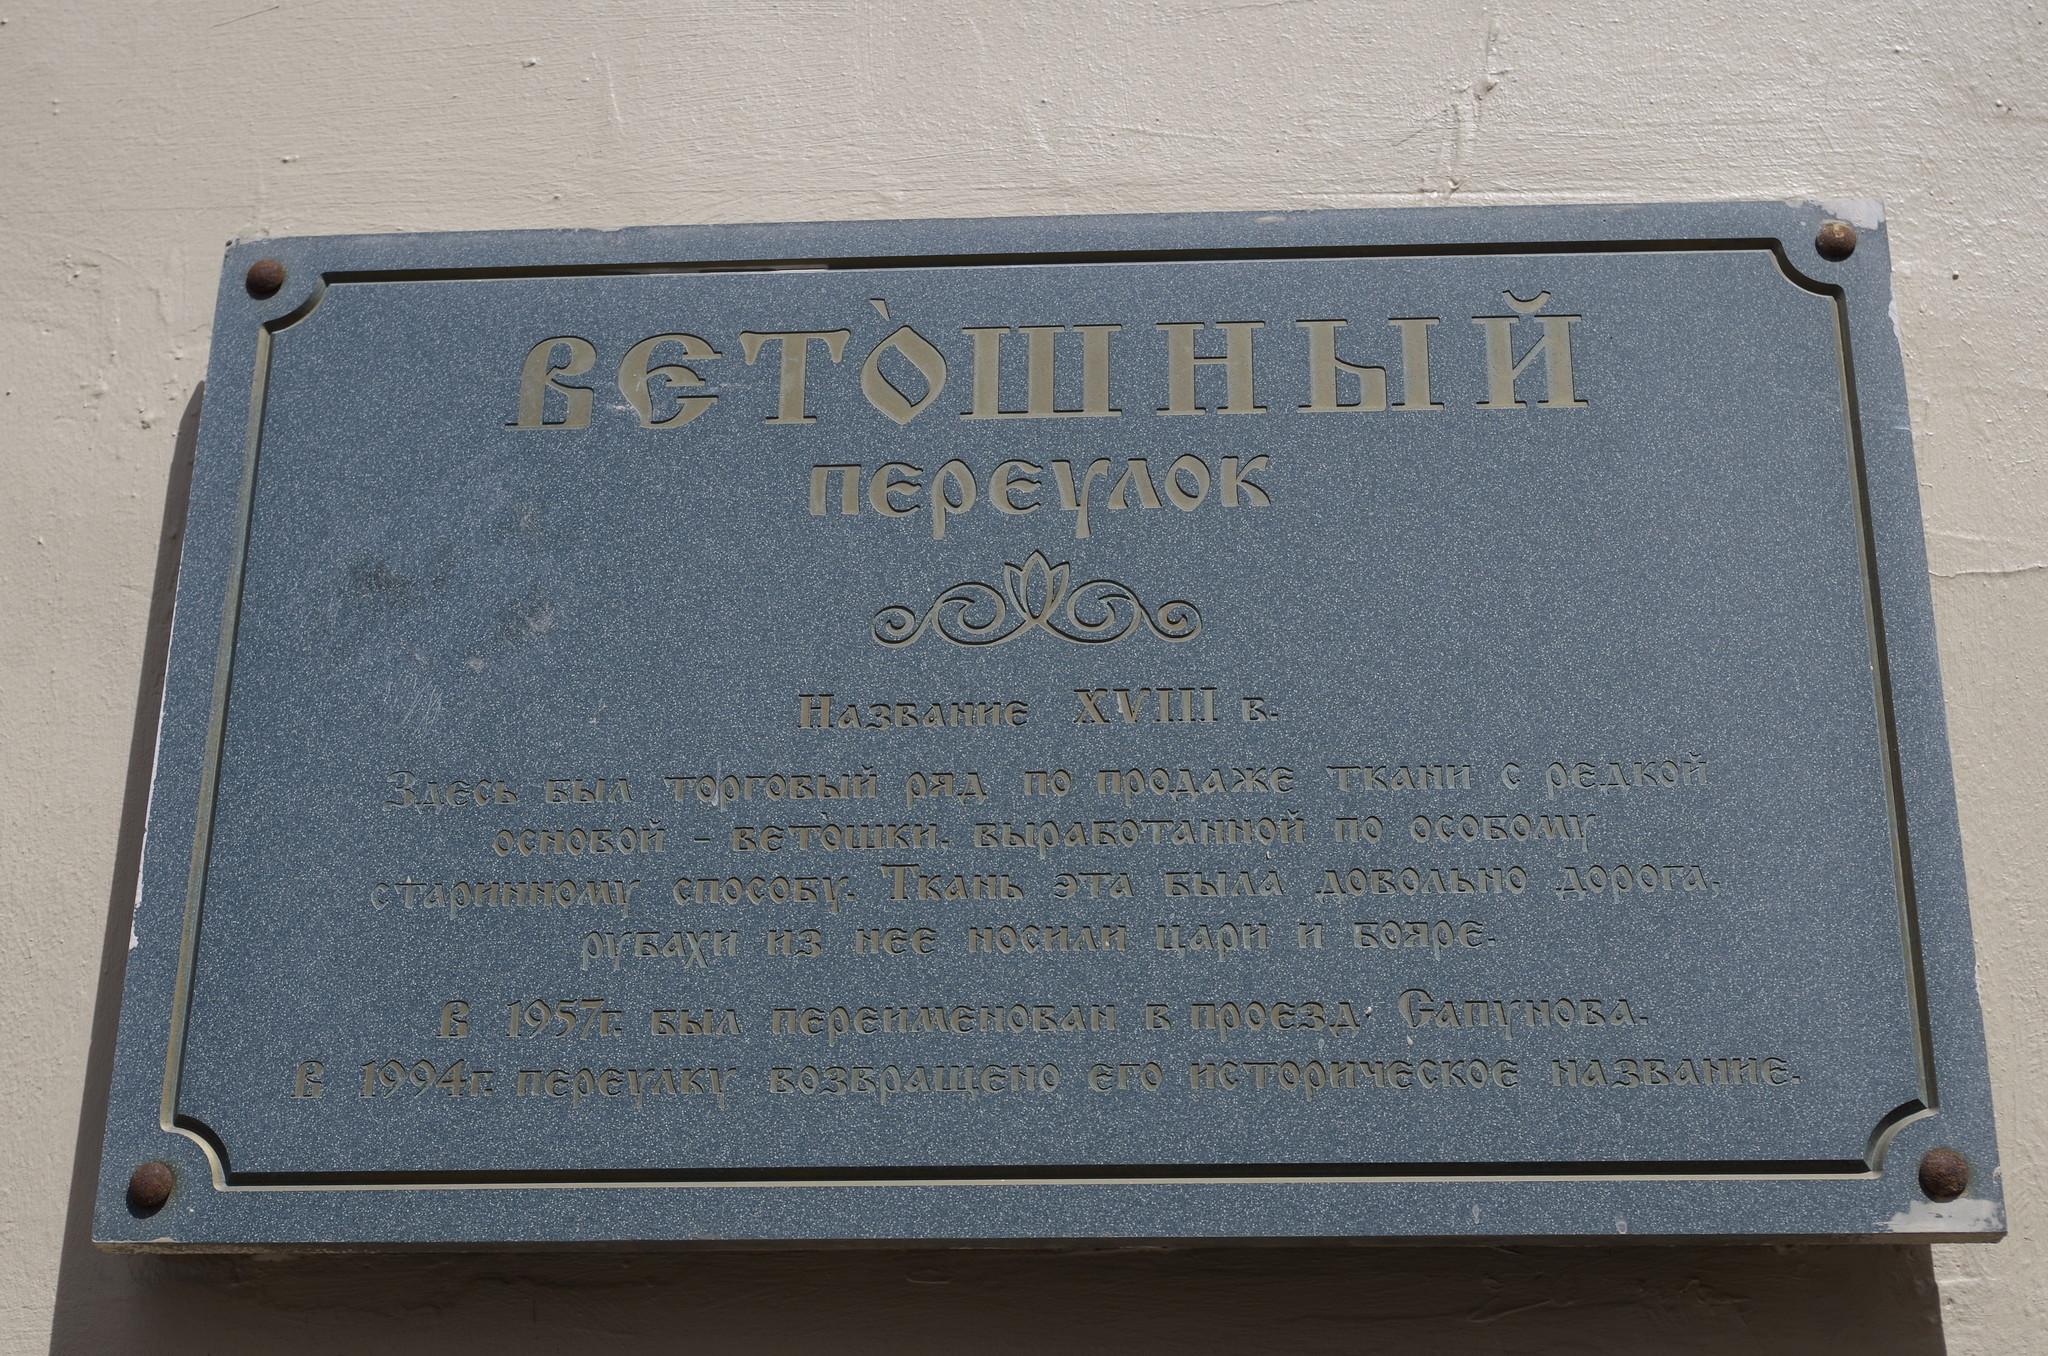 Памятная доска в Ветошном переулке